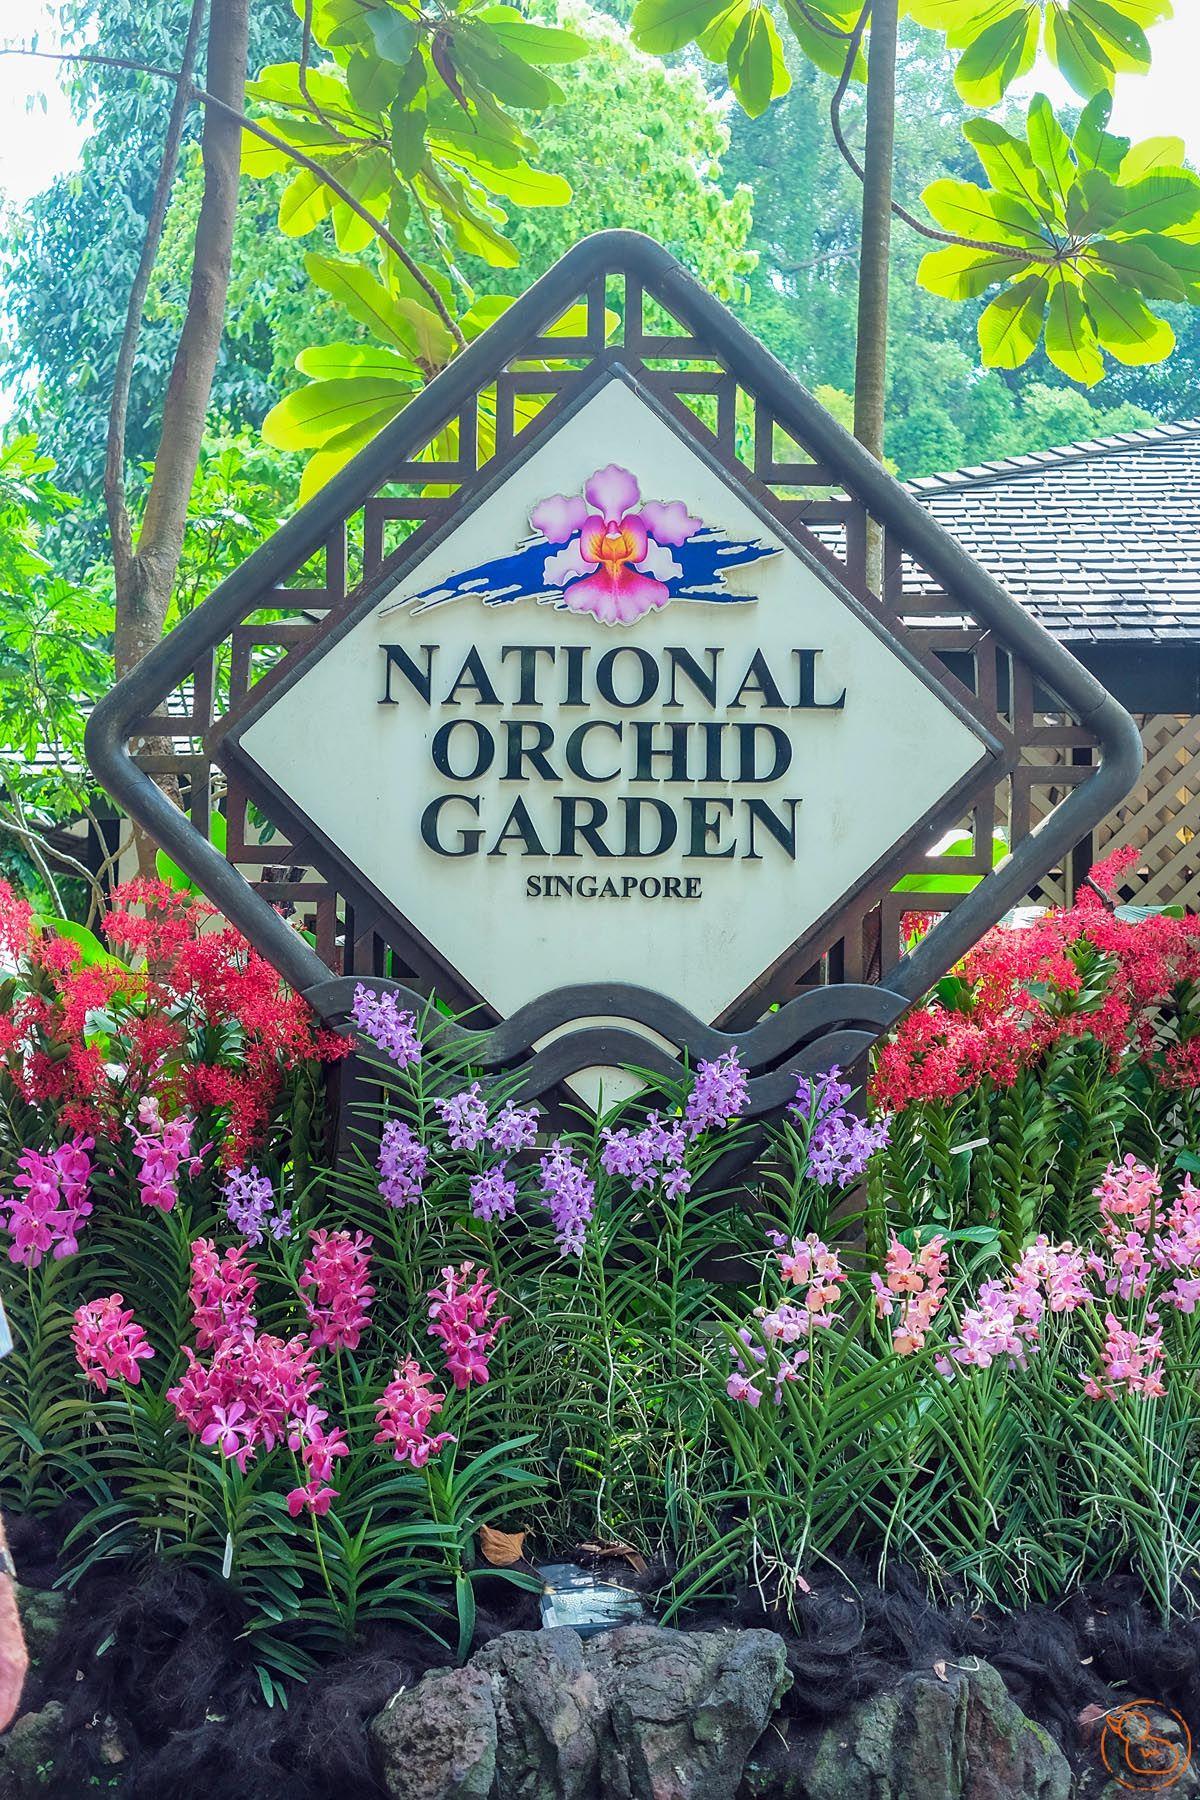 e40d44dfda7e72c6bd65375e2ab0b522 - Satay Club Gardens By The Bay